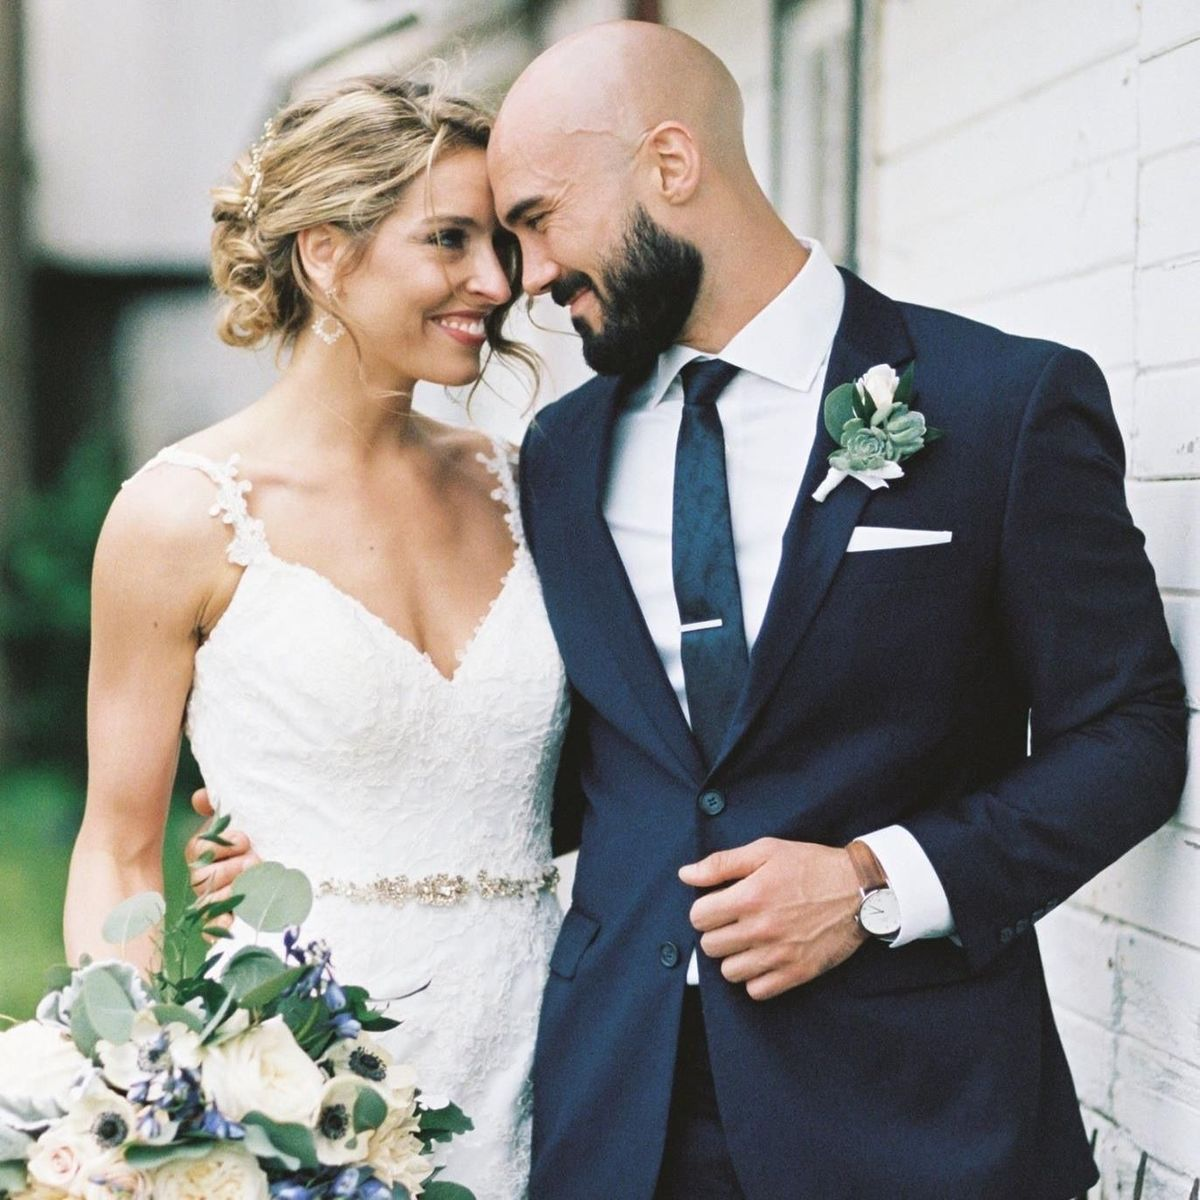 peoria wedding hair & makeup - reviews for hair & makeup